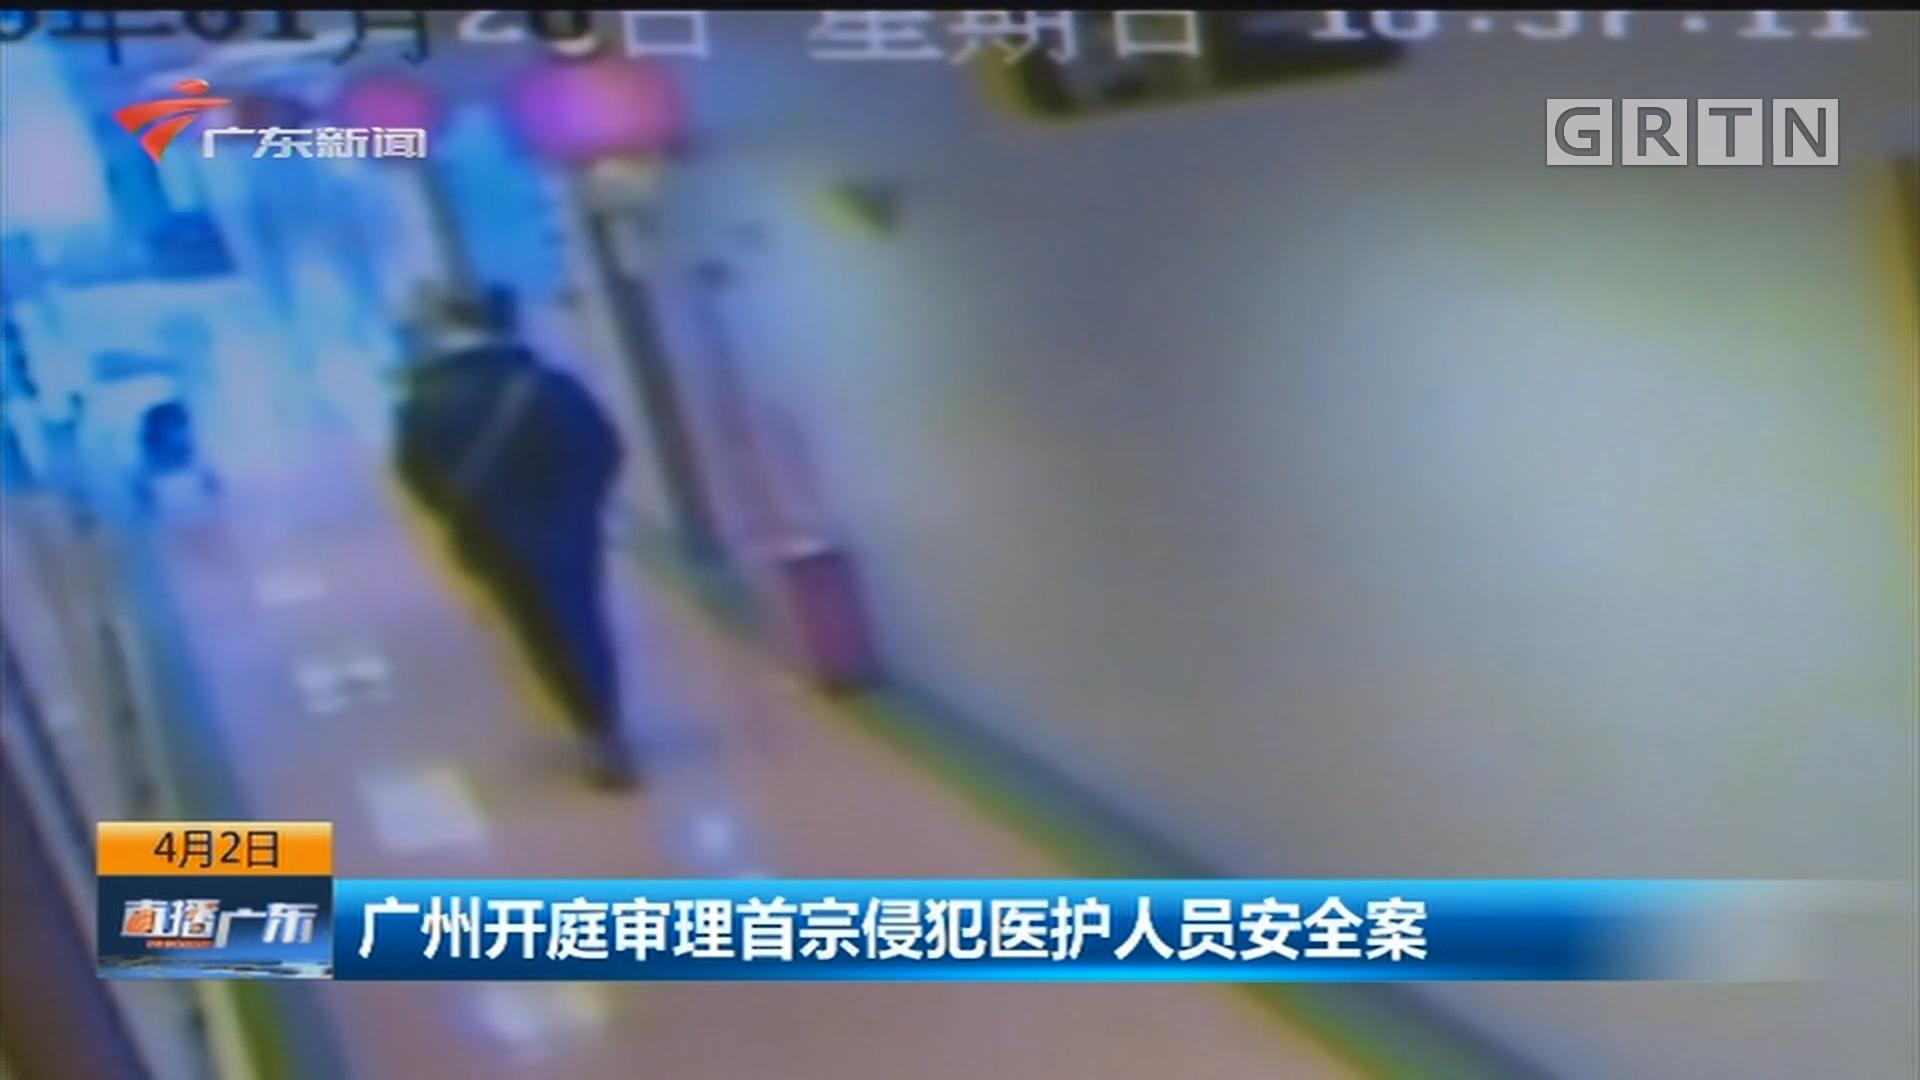 广州开庭审理首宗侵犯医护人员安全案